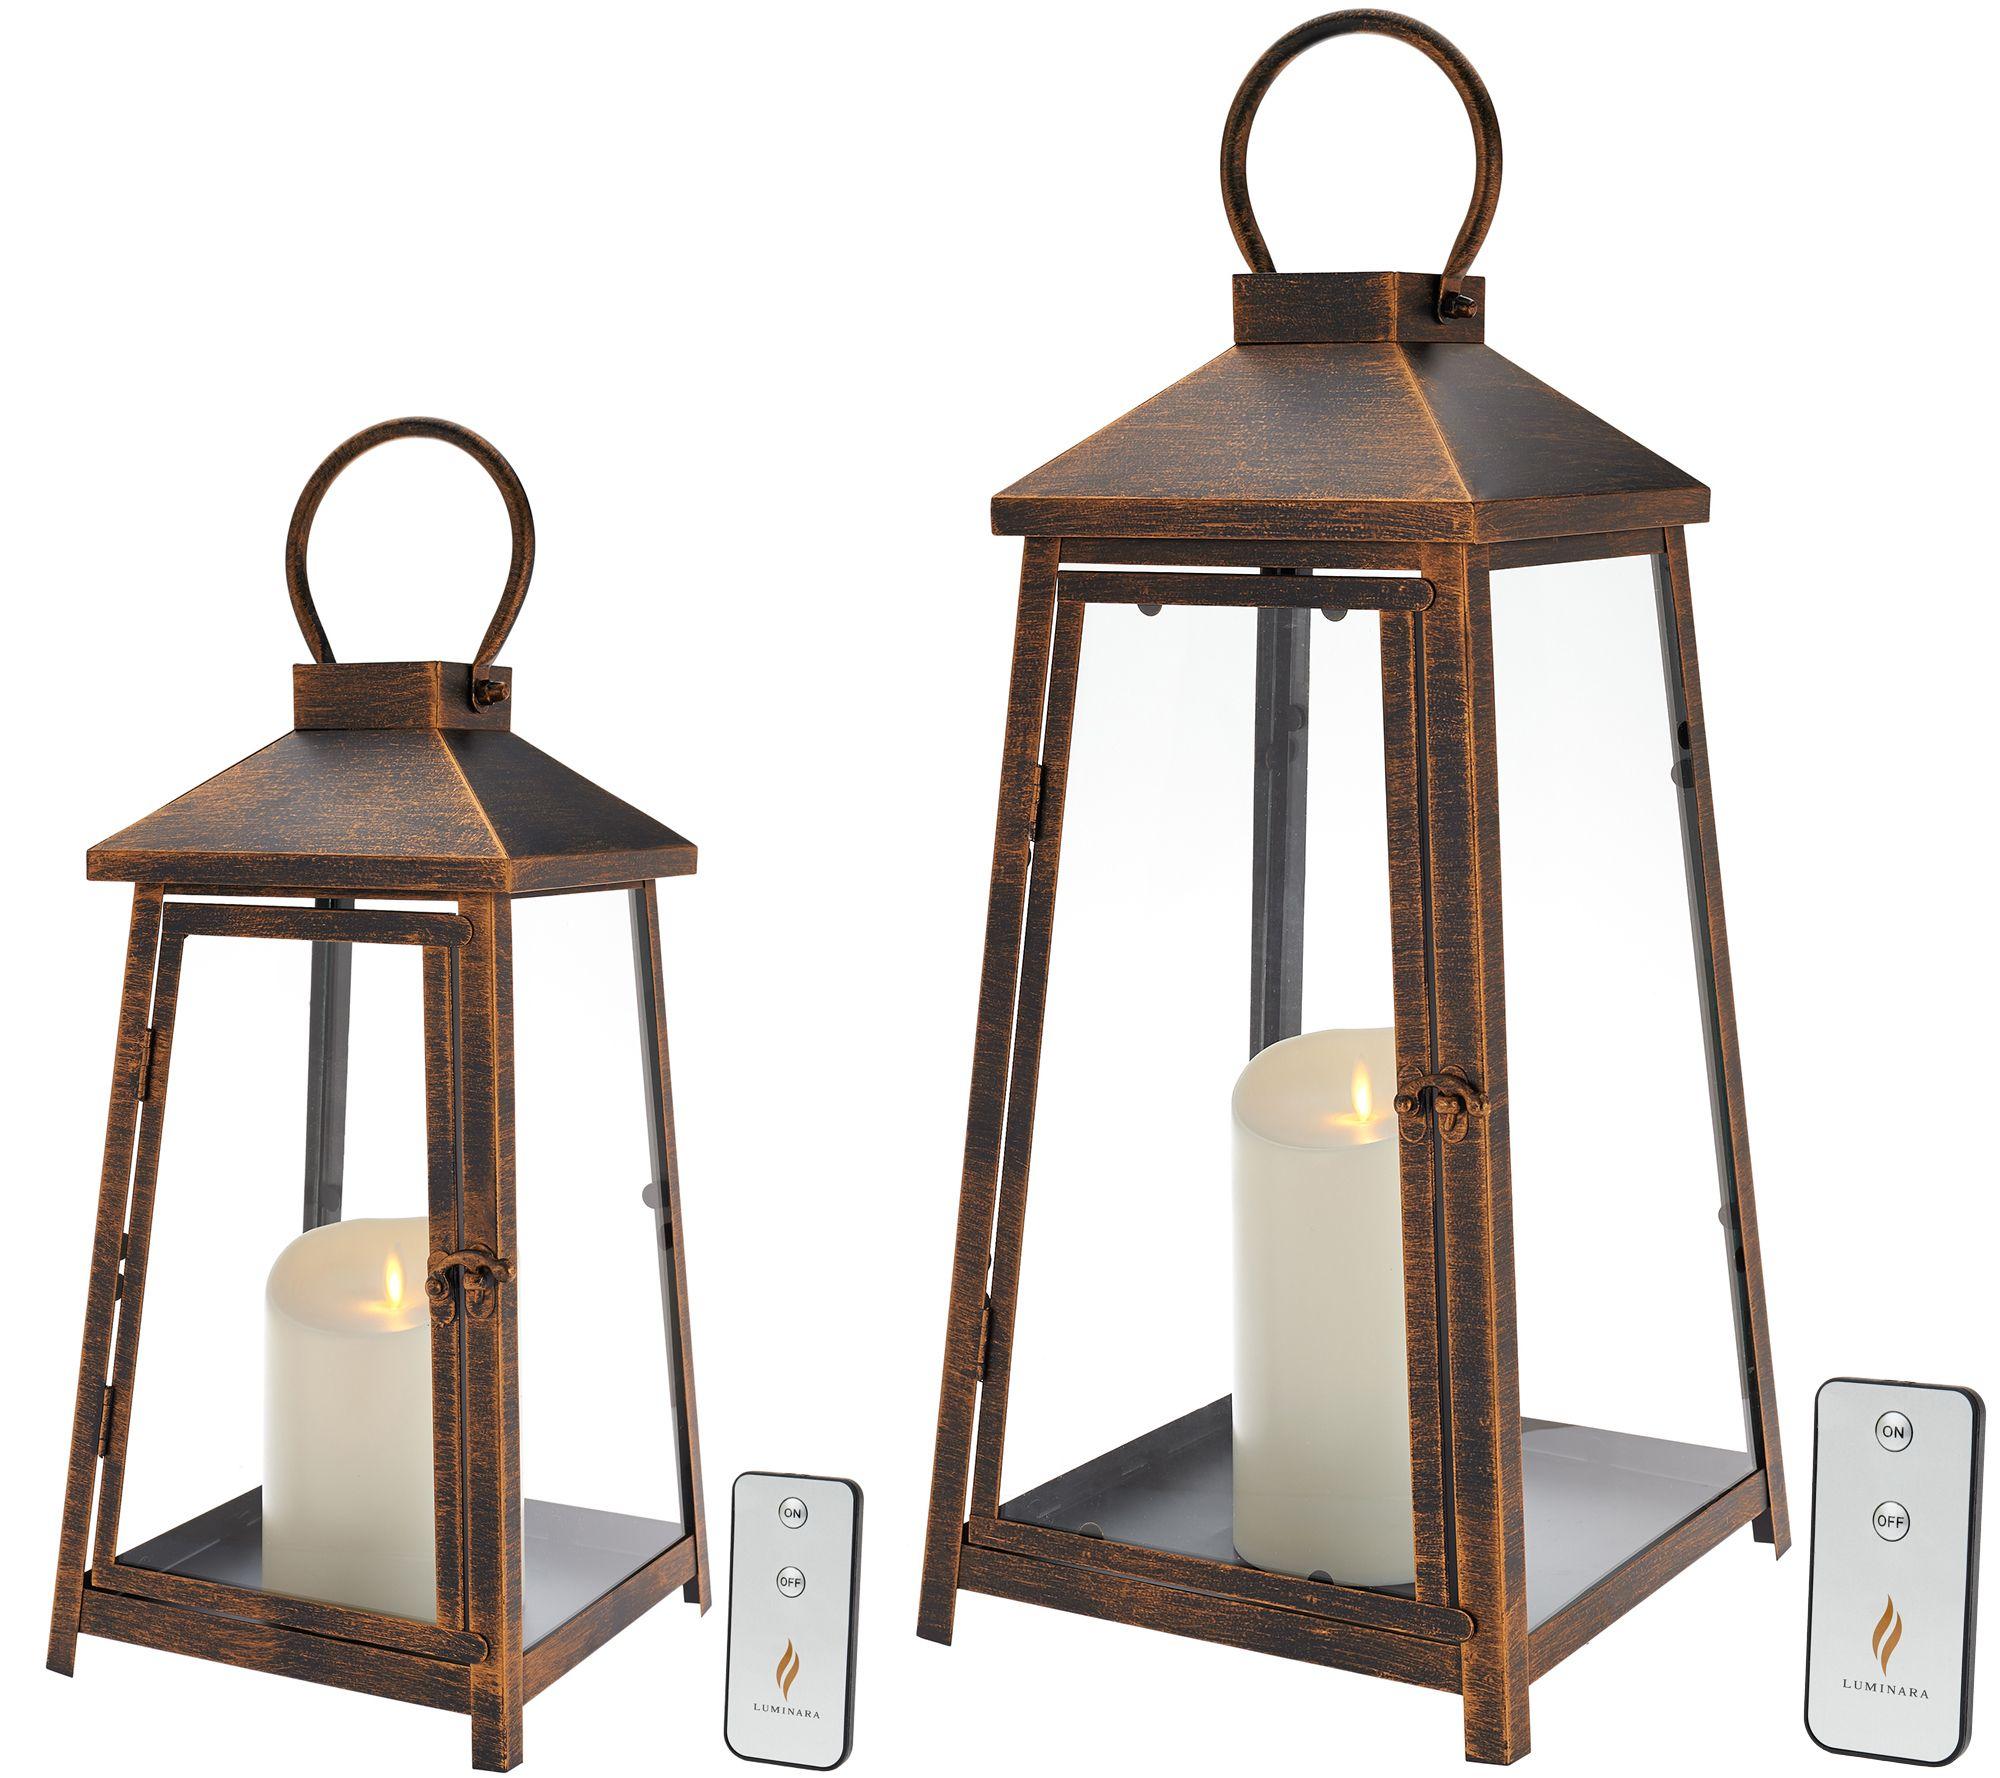 Luminara Hampton Indoor Outdoor Lantern With Flameless